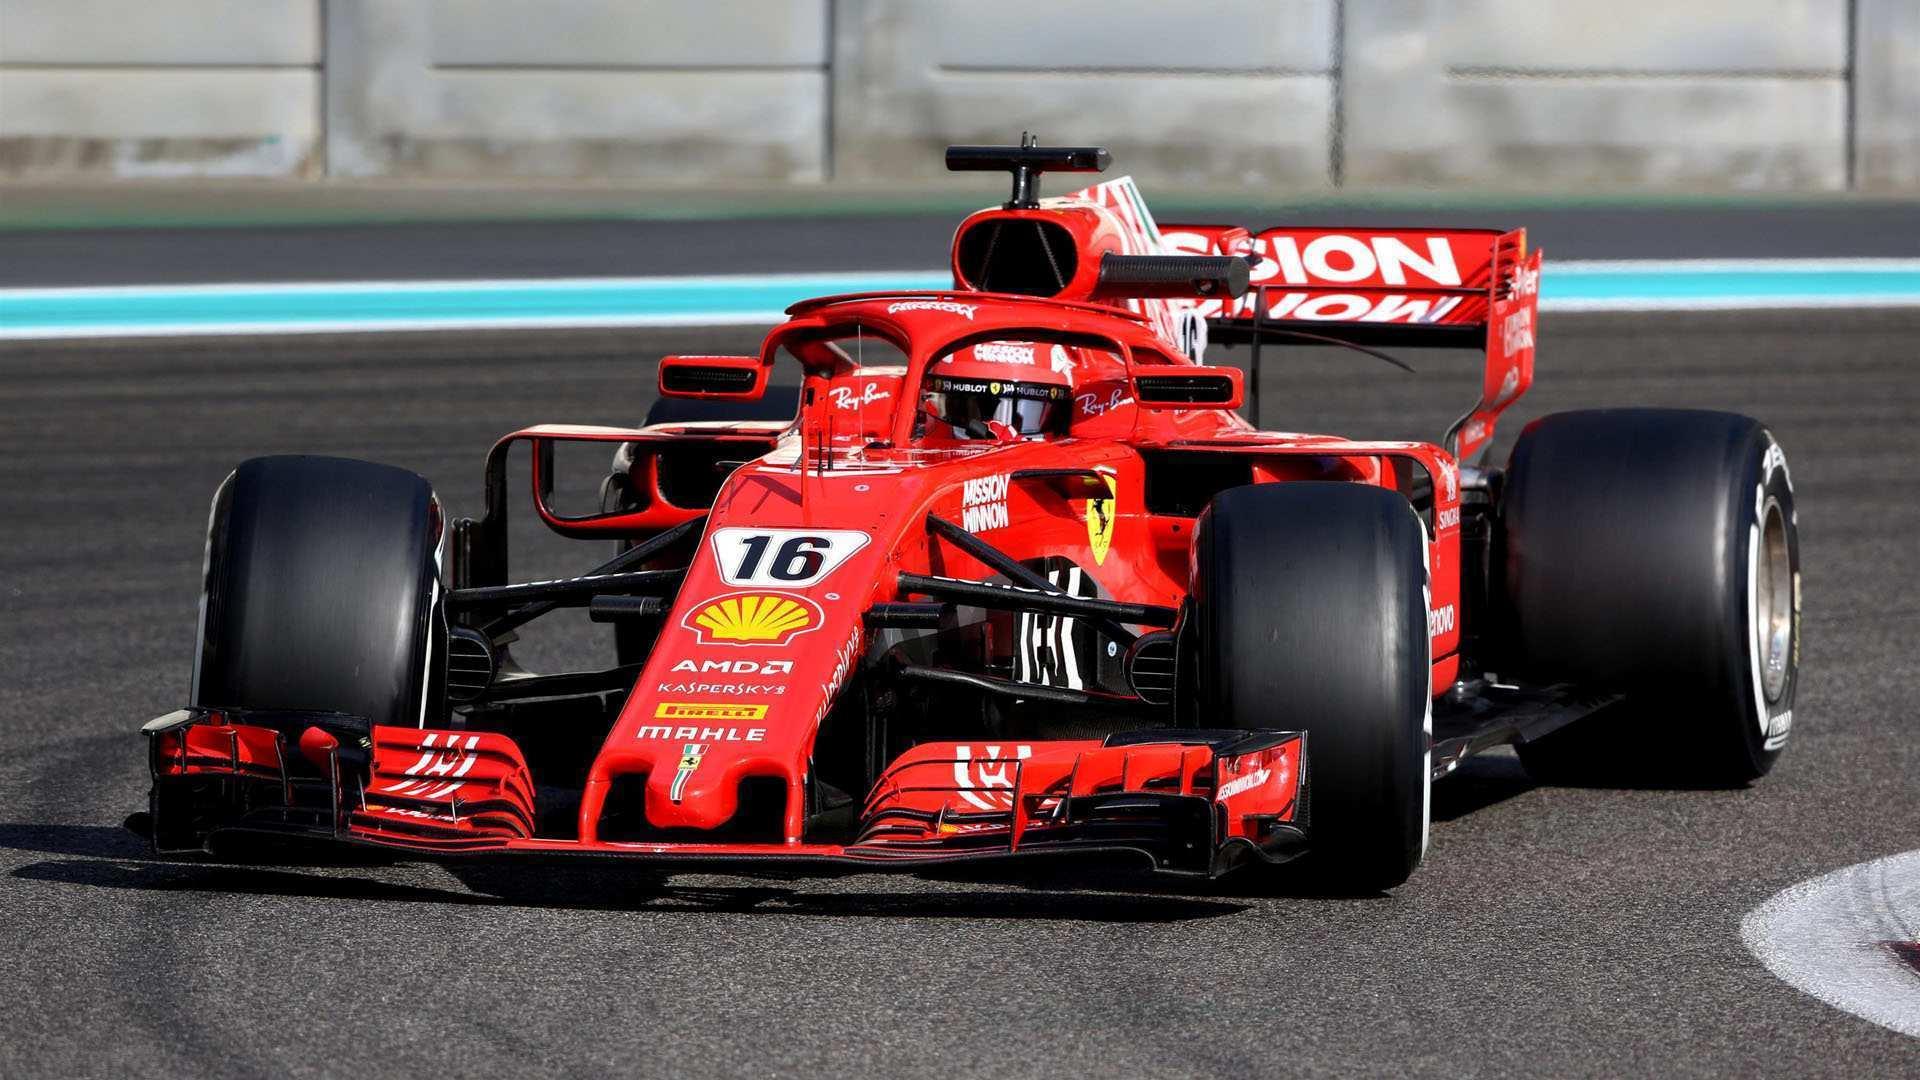 34 New 2019 Ferrari F1 Drivers Specs by 2019 Ferrari F1 Drivers